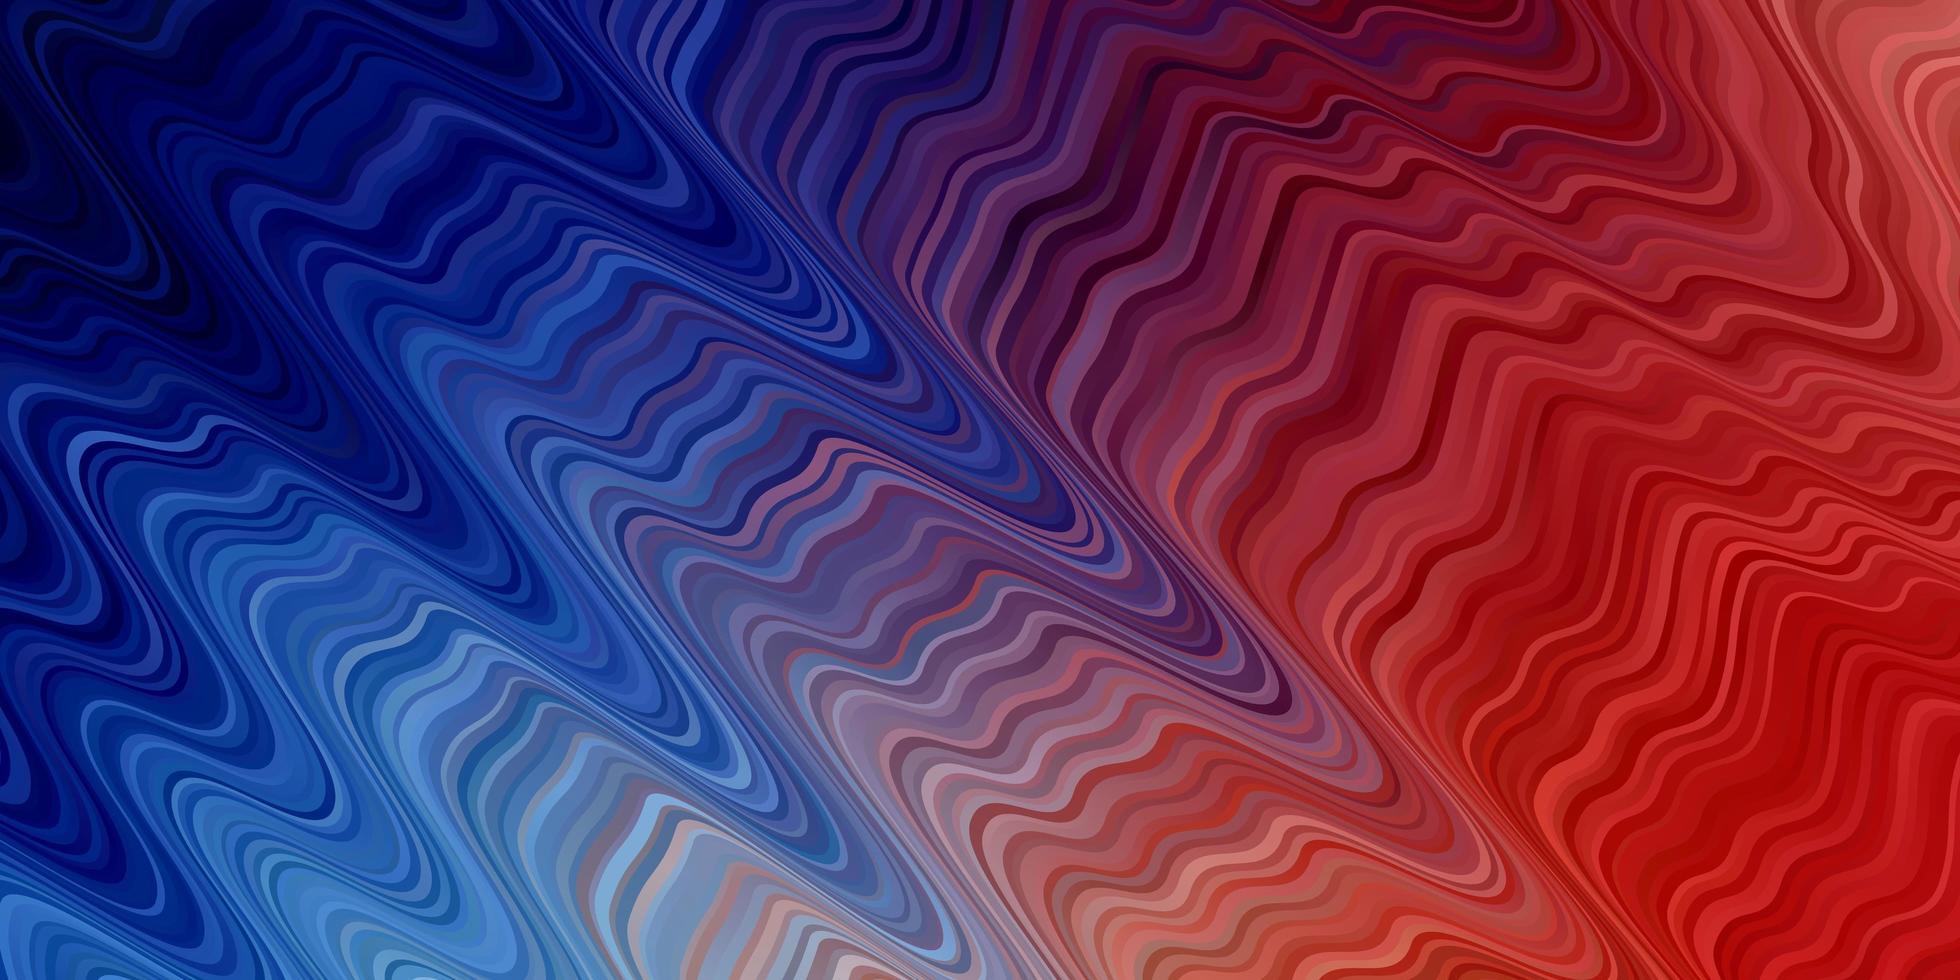 sfondo azzurro, rosso con linee ondulate. vettore